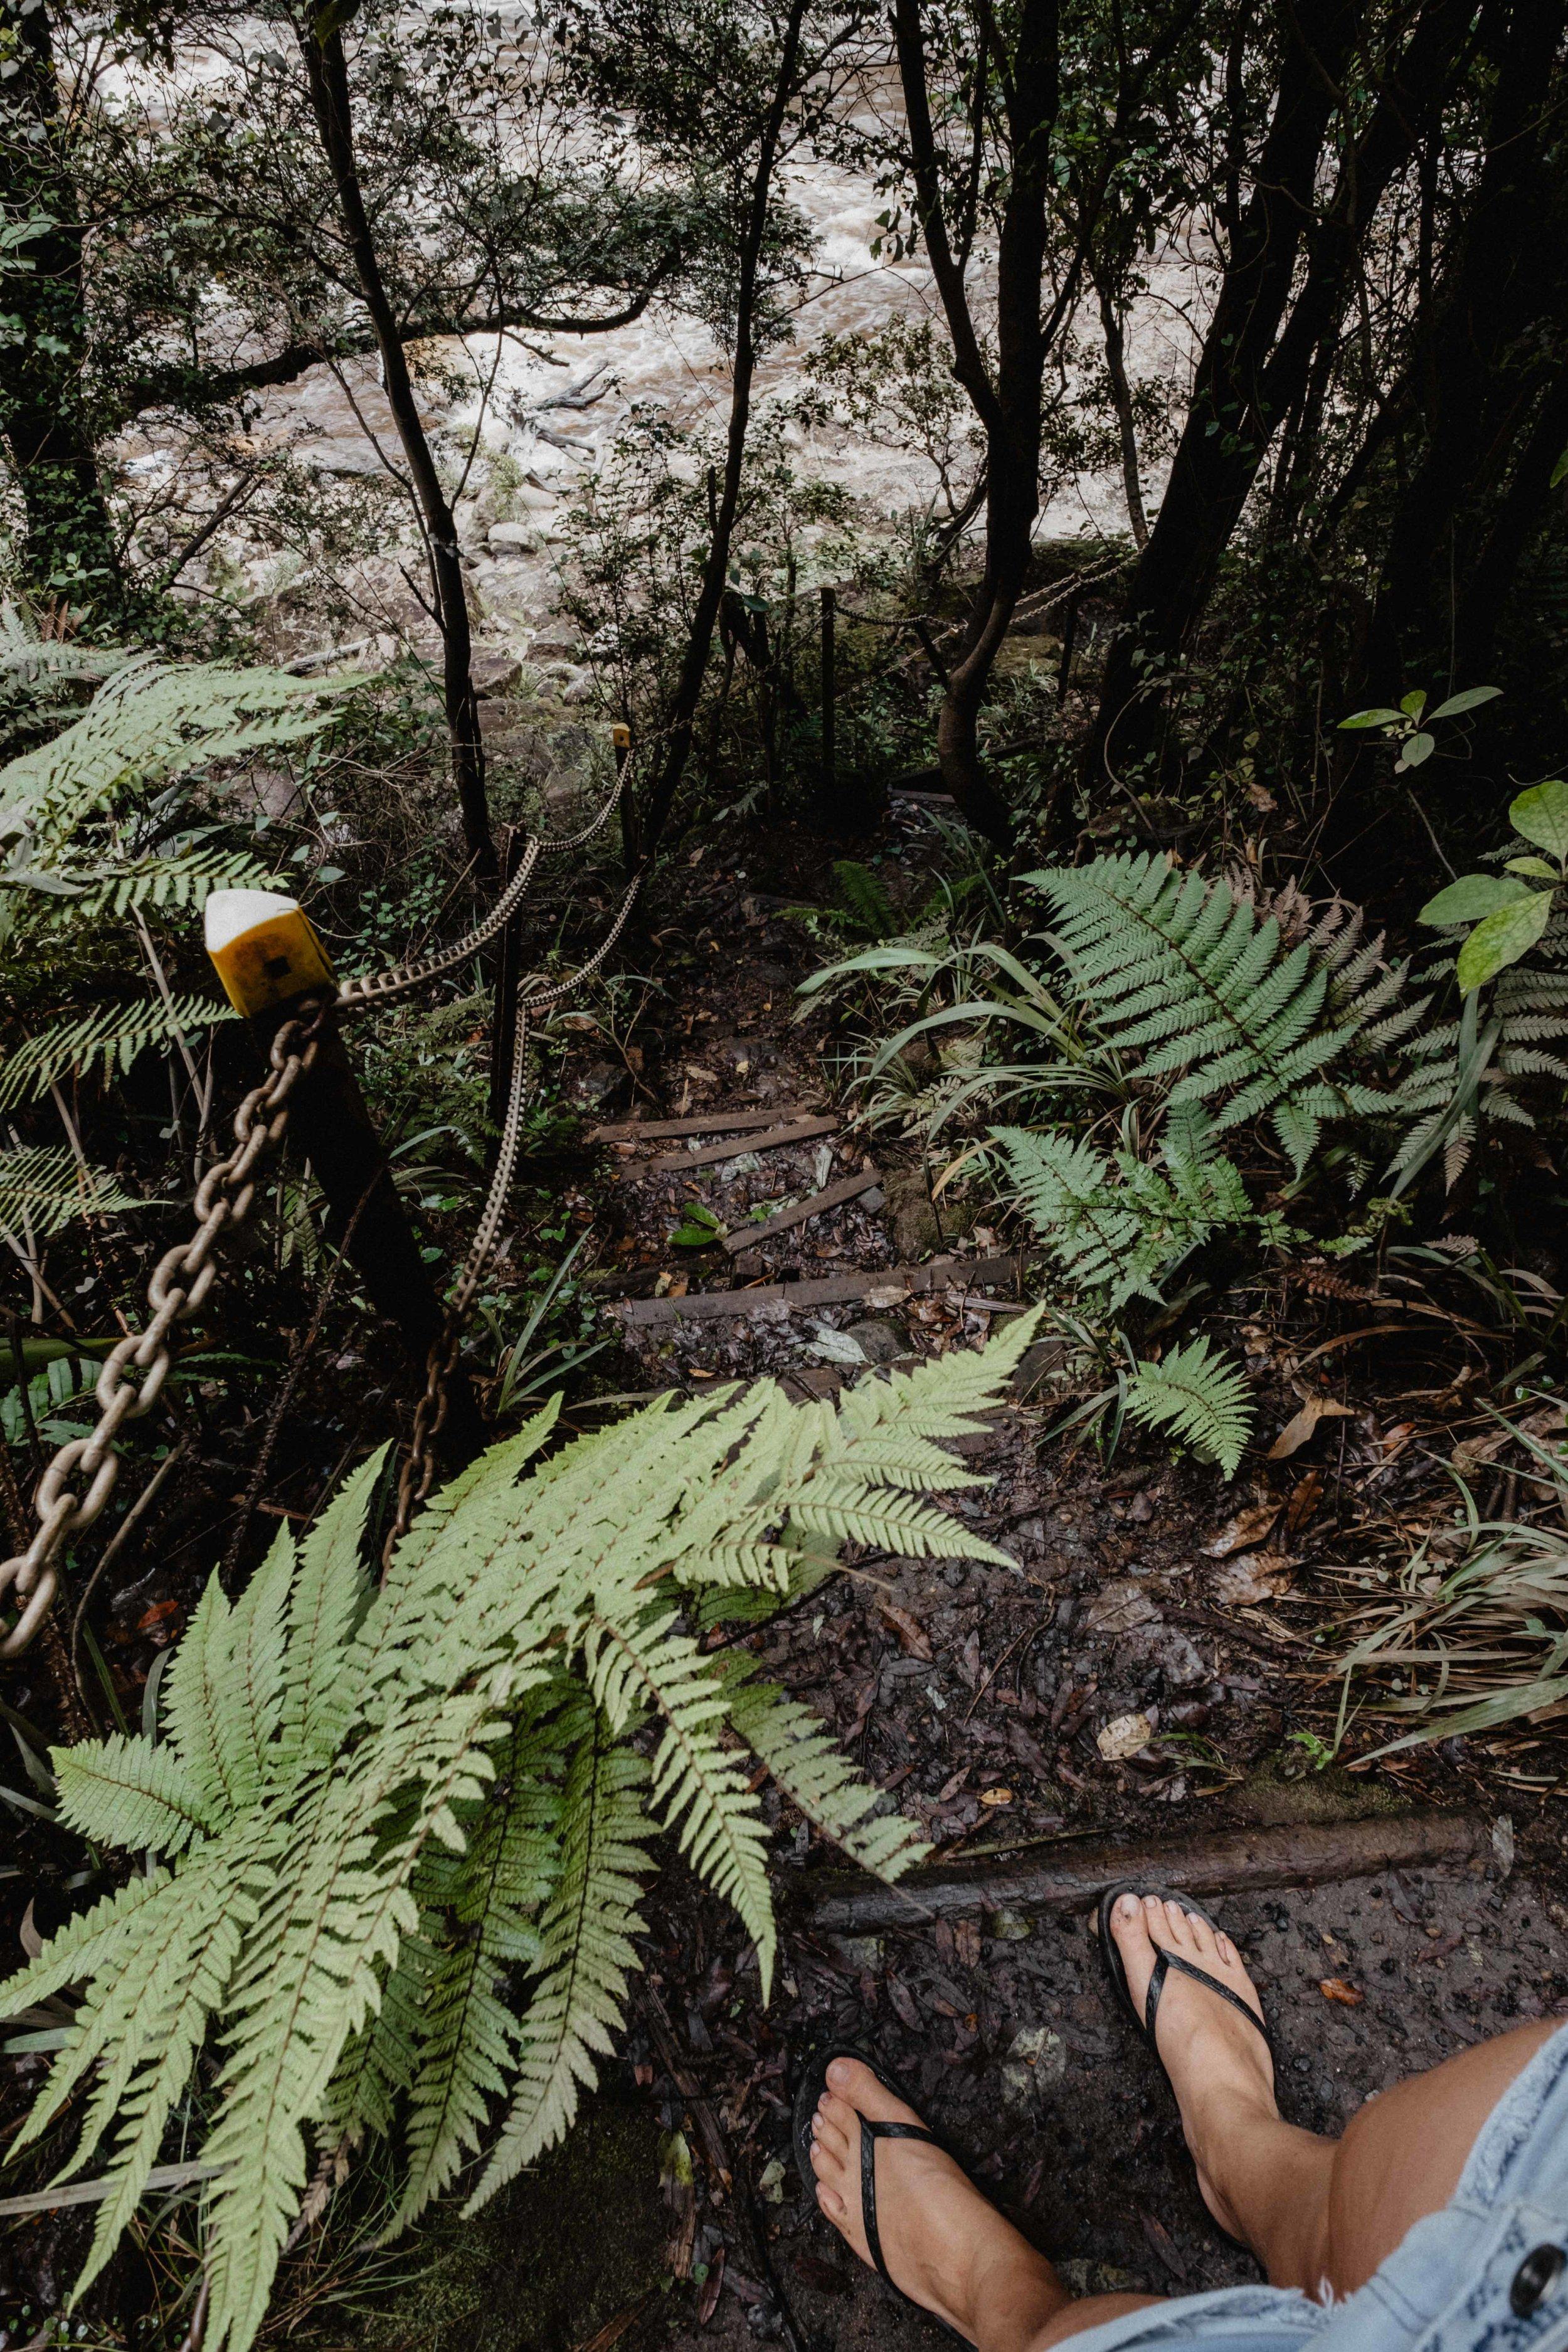 * Petit truc qui n'est pas indiquésur le chemin et que l'on a failli rater : en arrivant devant la grosse chute d'eau -  Mangatani Falls  - il y a un petit chemin sur la droite qui permet de descendre au niveau de la rivière et d'admirer la chute d'en dessous, elle est encore plus impressionnante de ce point de vue là :)  * Autre astuce si c'était à refaire : mettre des chaussures fermées. Il y a parfois des morceaux de fer/rail que l'on ne voit pas dépasser de la terre au milieu des feuilles. Pas très agréable pour les orteils ;) !